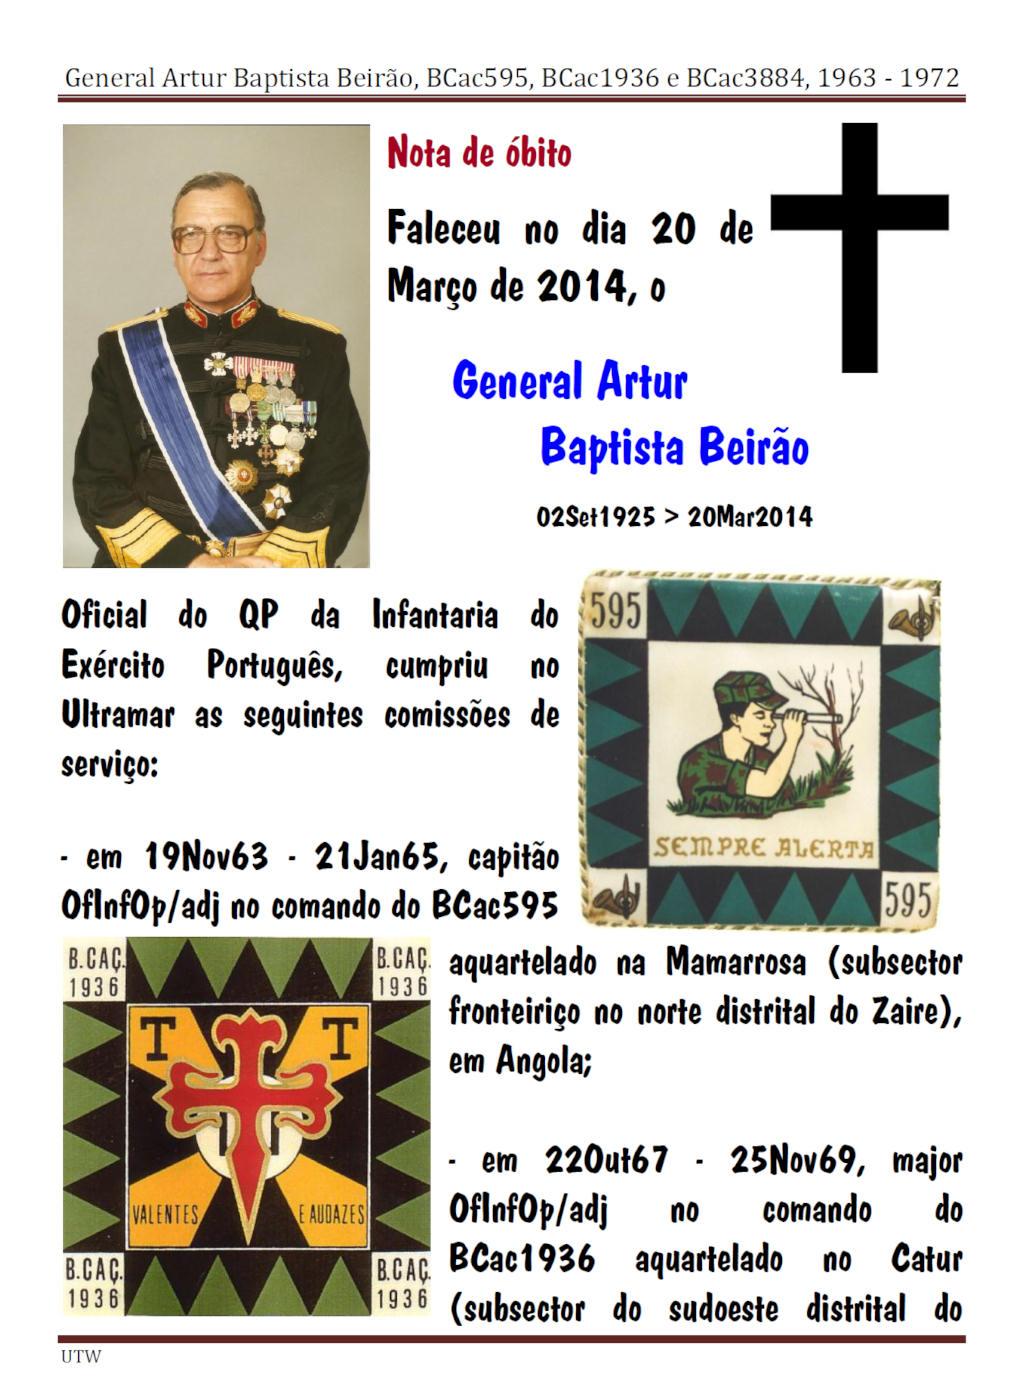 Faleceu o General Artur Baptista Beirão - BCac595, BCac1936, BCac3884 e 2ªRep/QG/CTIG - 20Mar2014 Artur_10